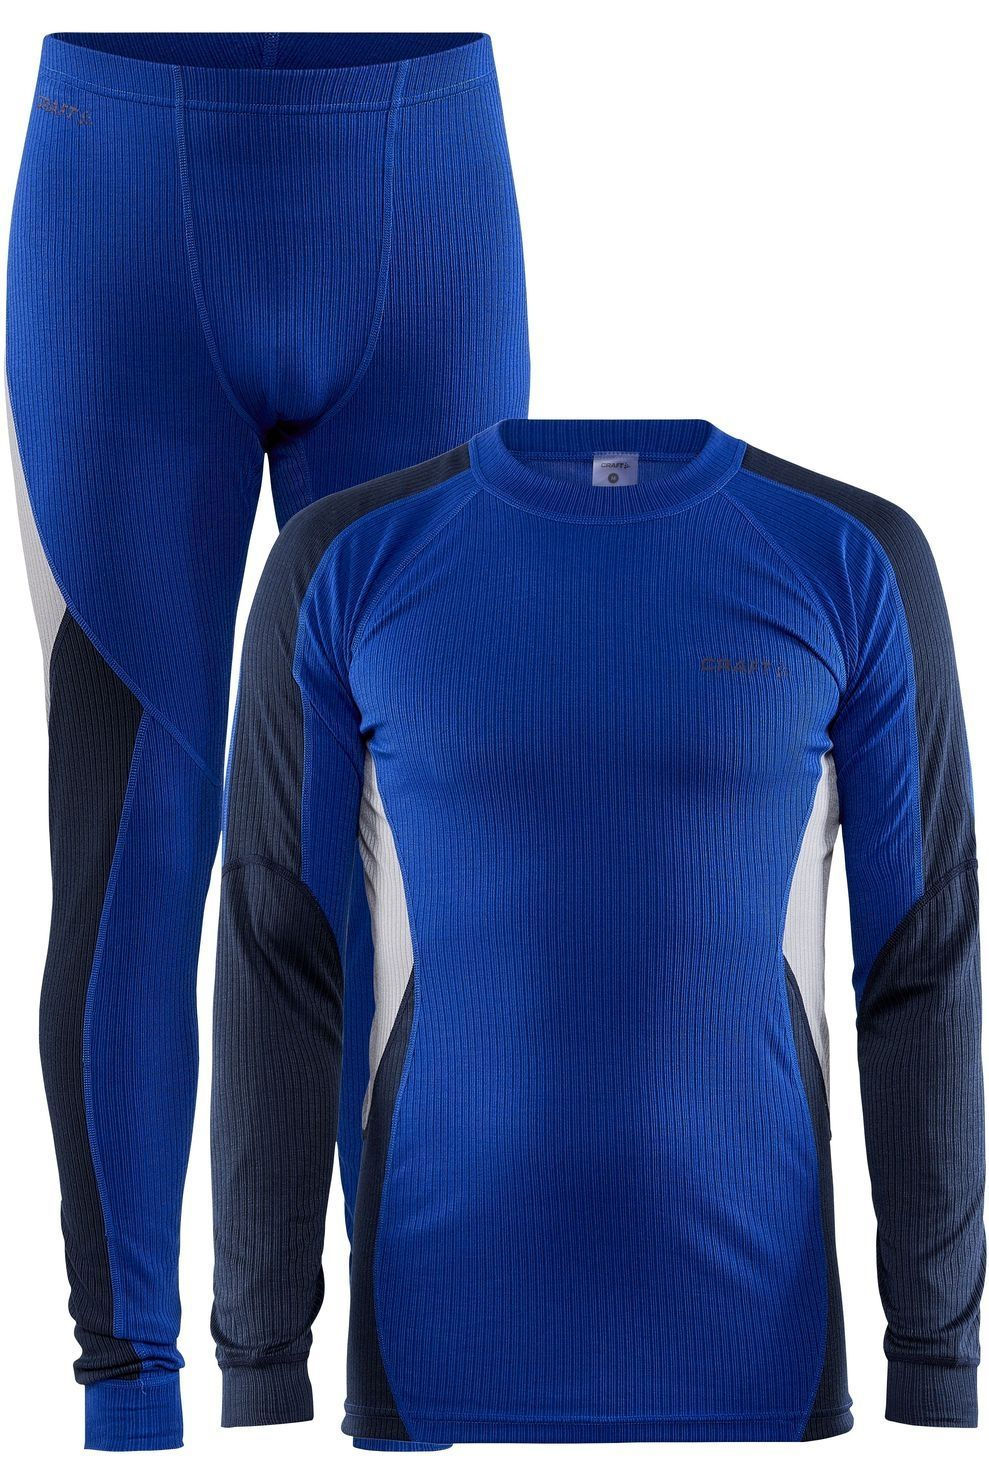 Craft Legging Core Dry Baselayer Set voor heren - Blauw - Maten: S, M, L, XL, XXL - Nieuwe collectie